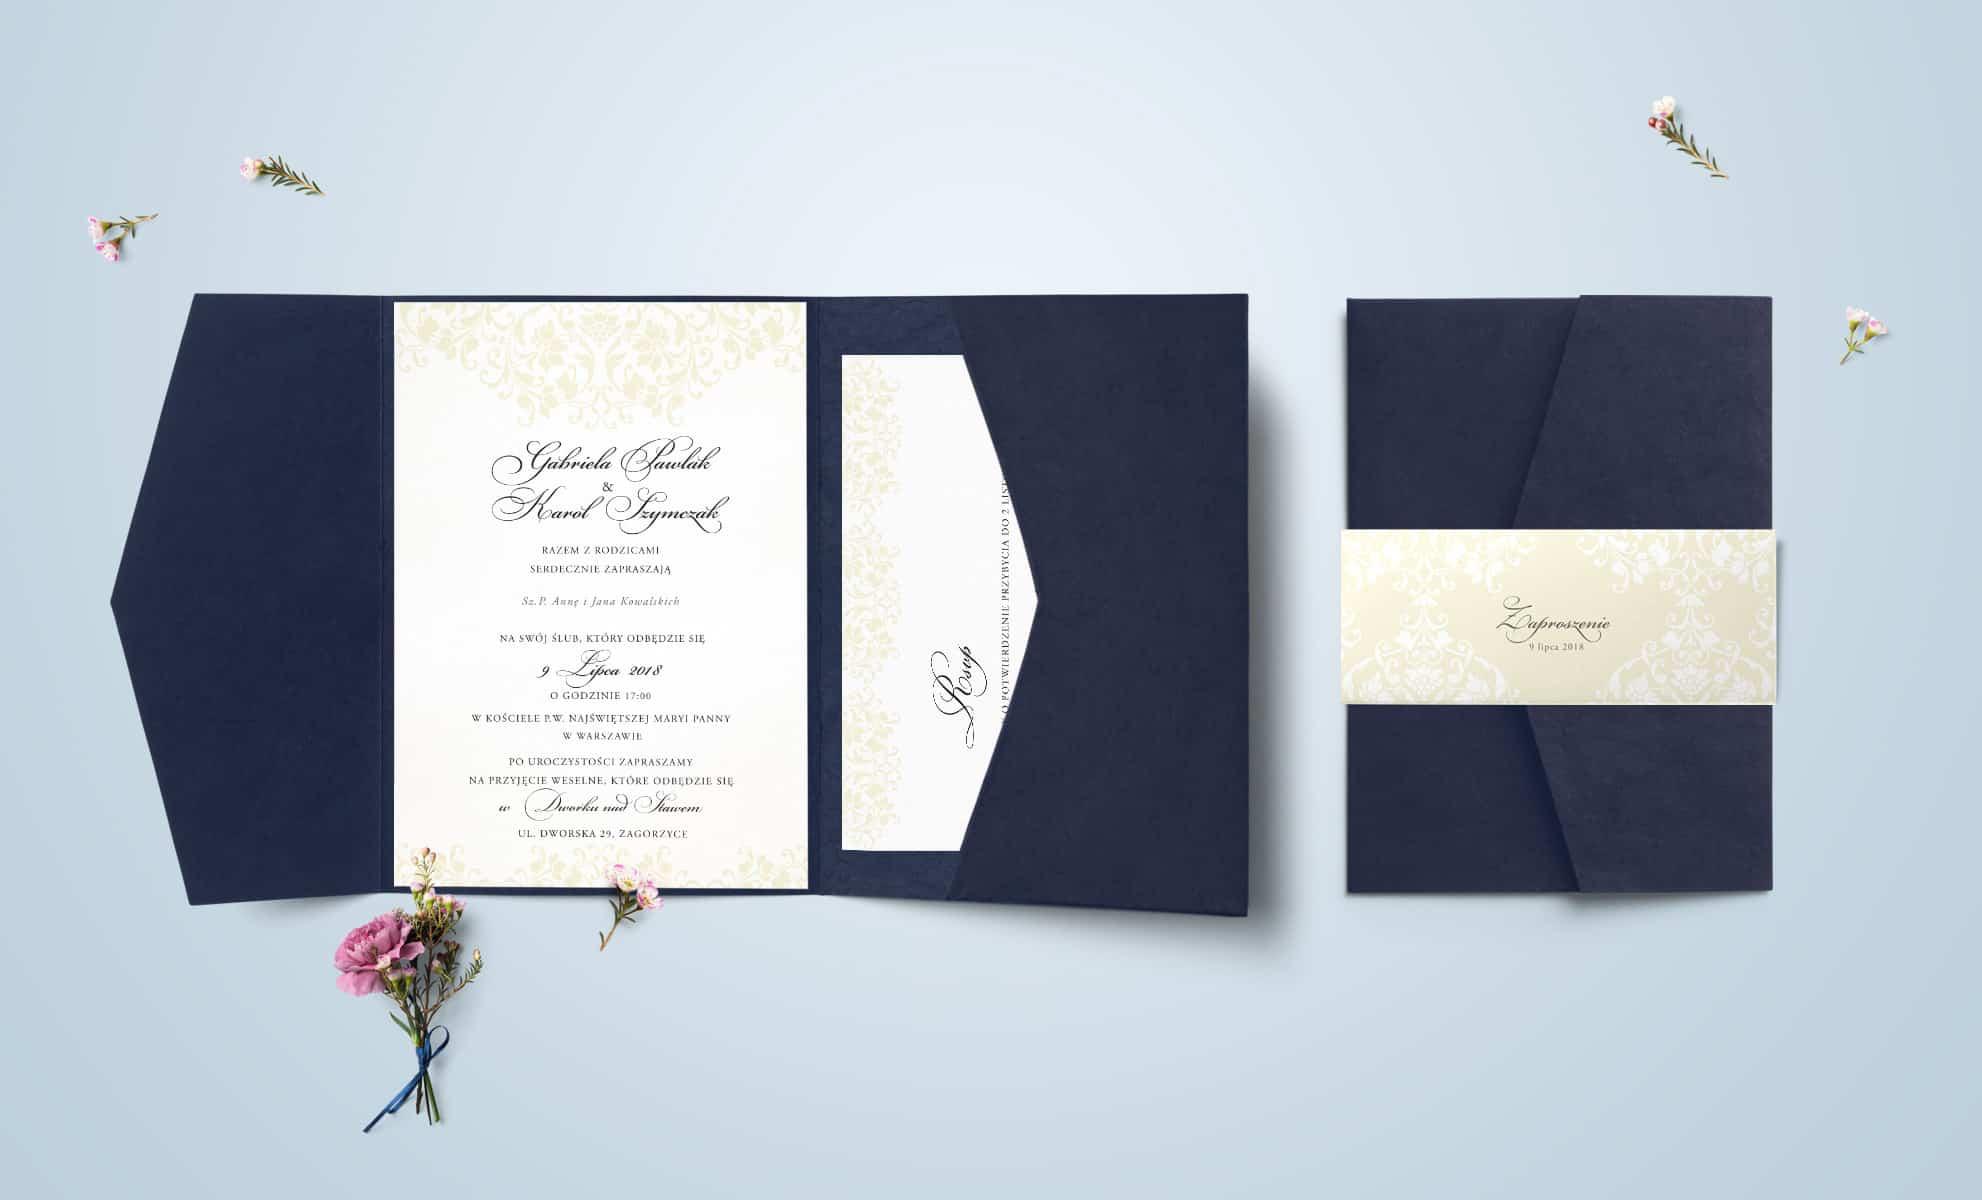 Zaproszenie w kolorze beżowym z imitacją odręcznego pisma